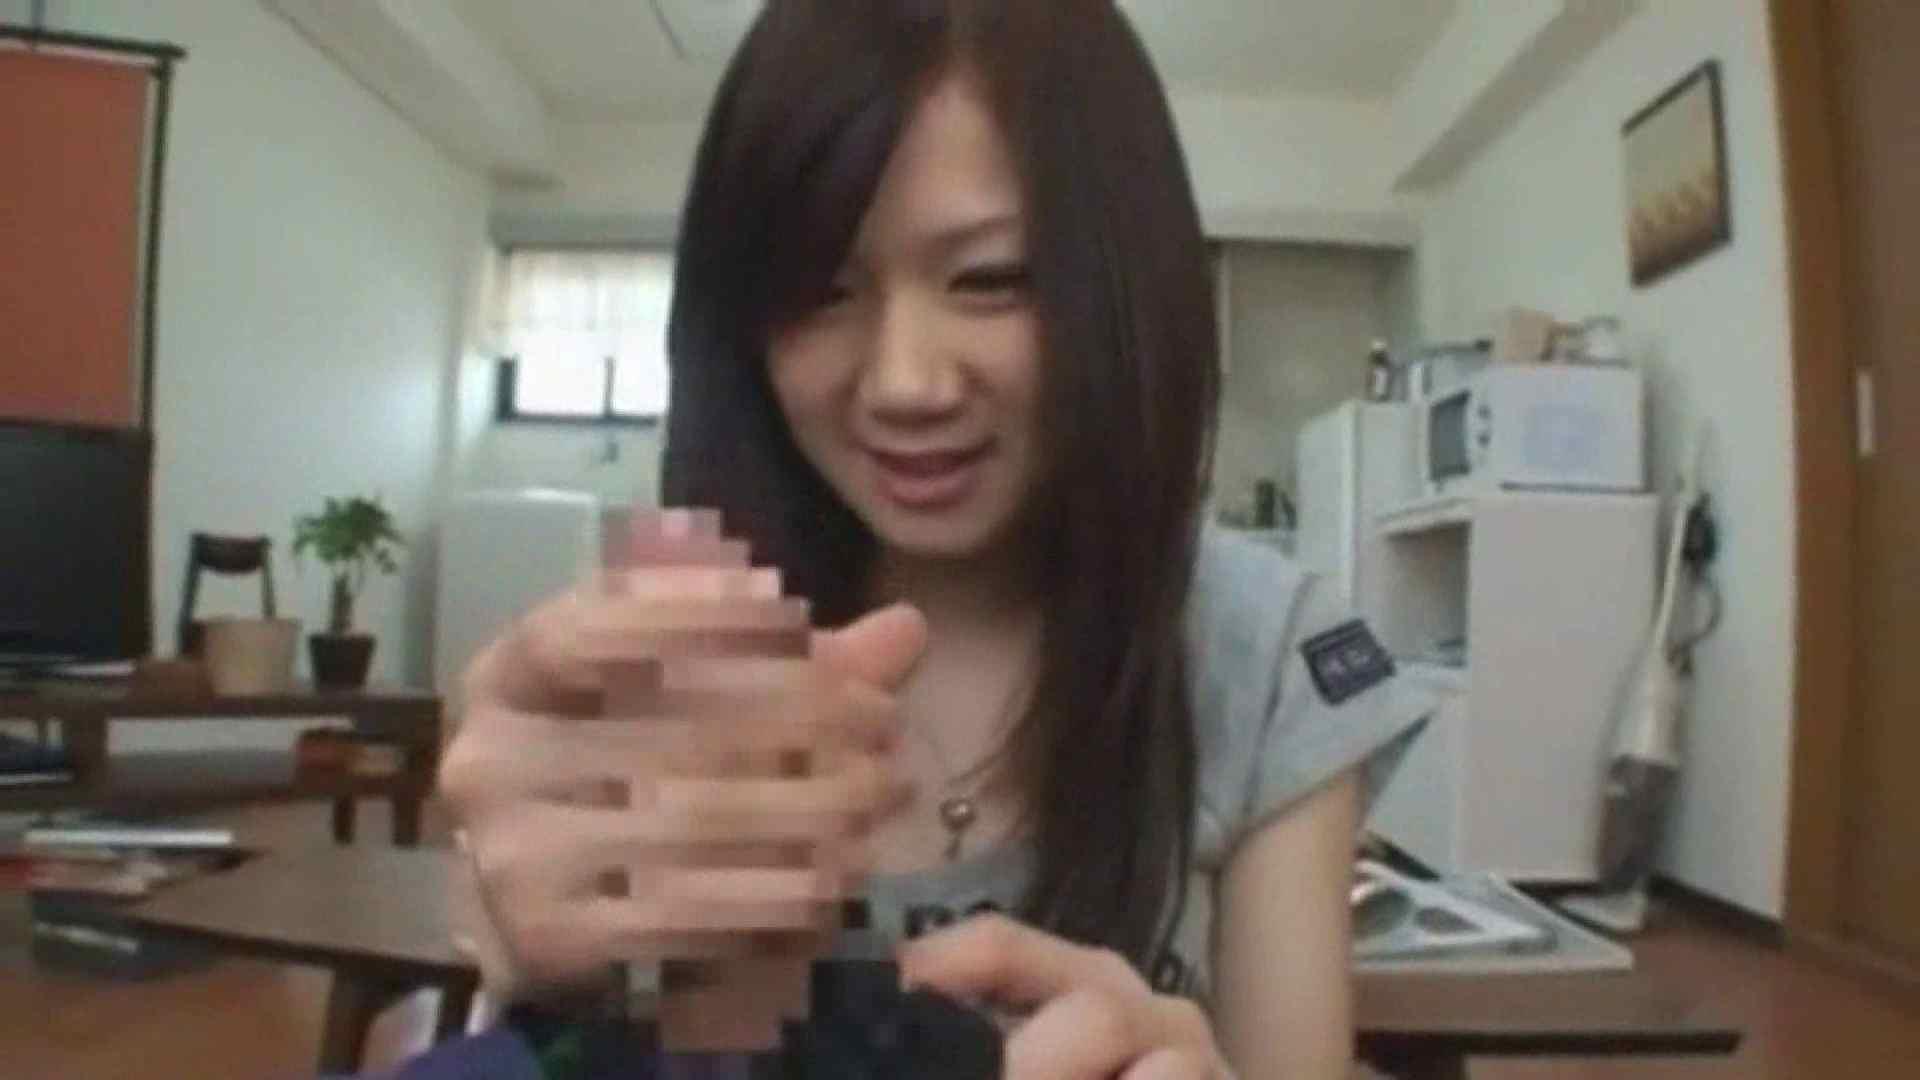 もぎたて旬の果実 Vol.17 HなOL オマンコ無修正動画無料 101pic 58